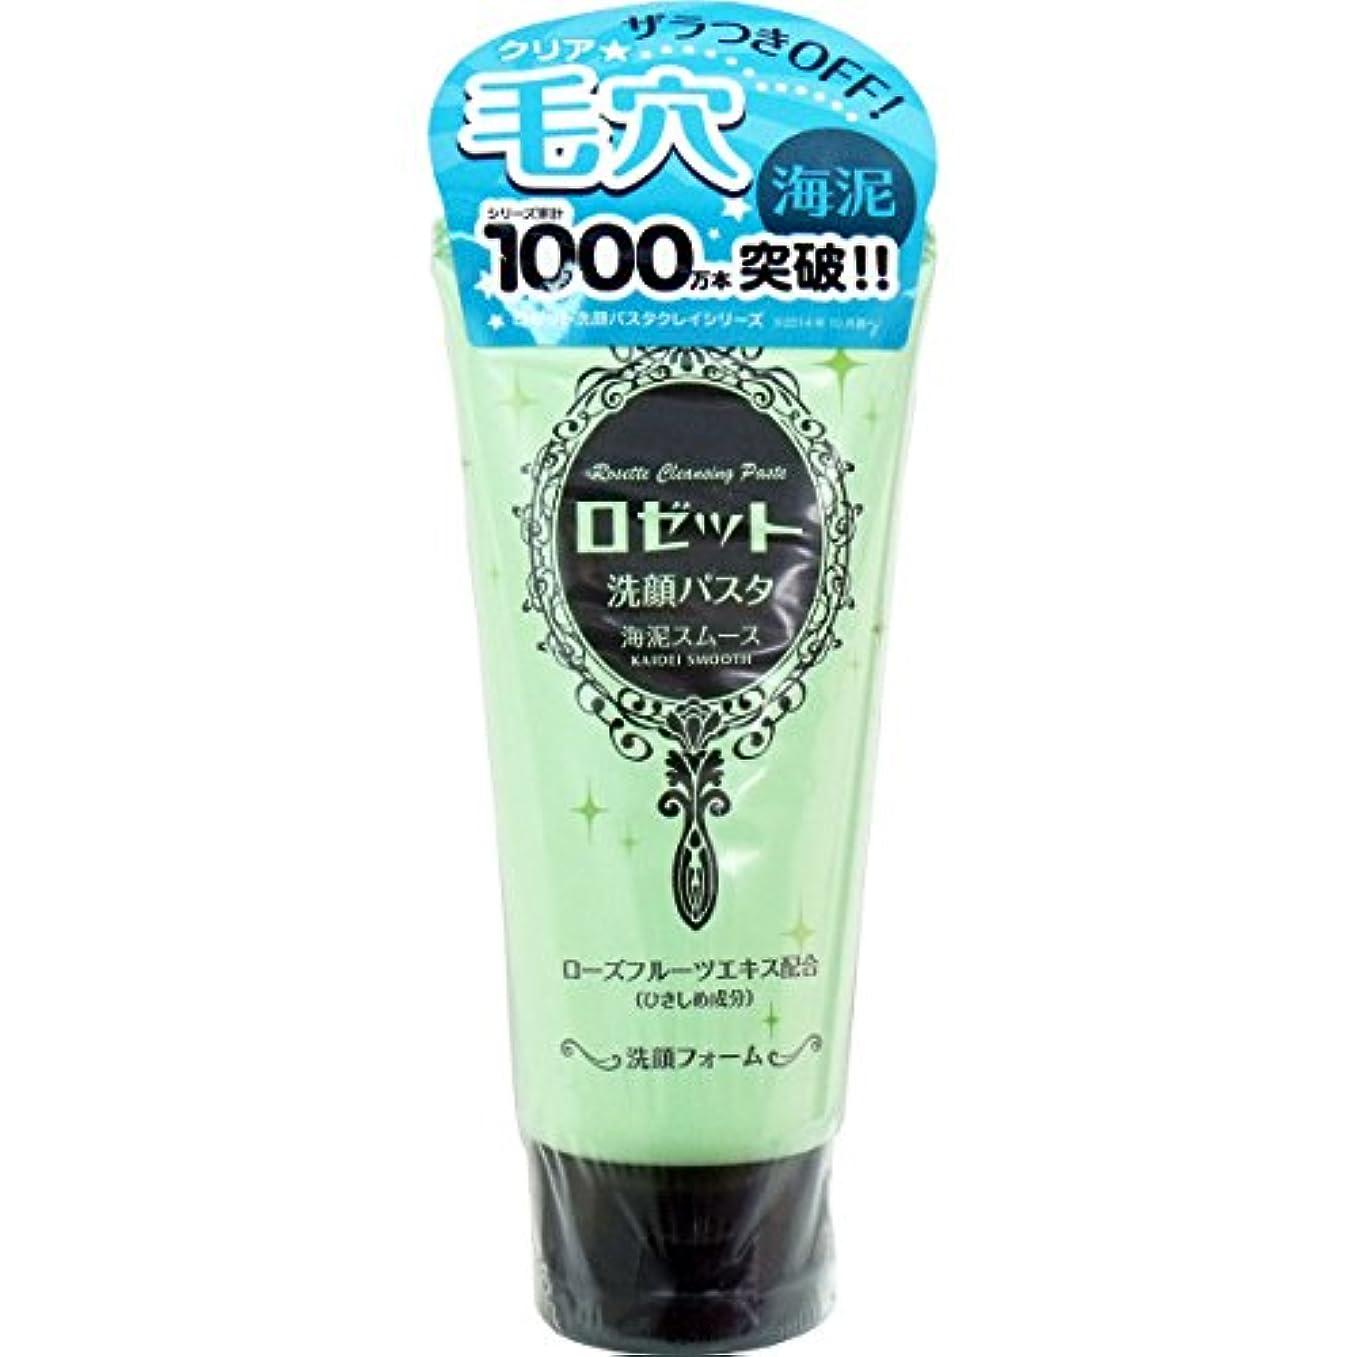 【20個セット】ロゼット 洗顔パスタ 海泥スムース 120g×20個